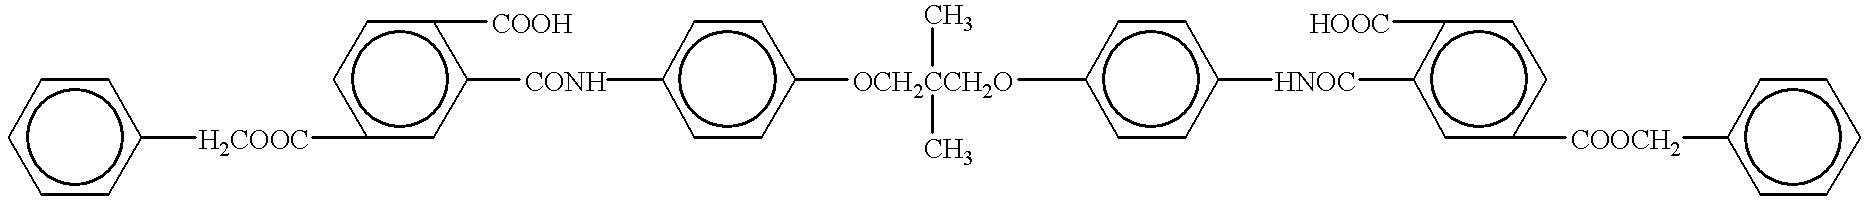 Figure US06180560-20010130-C00745